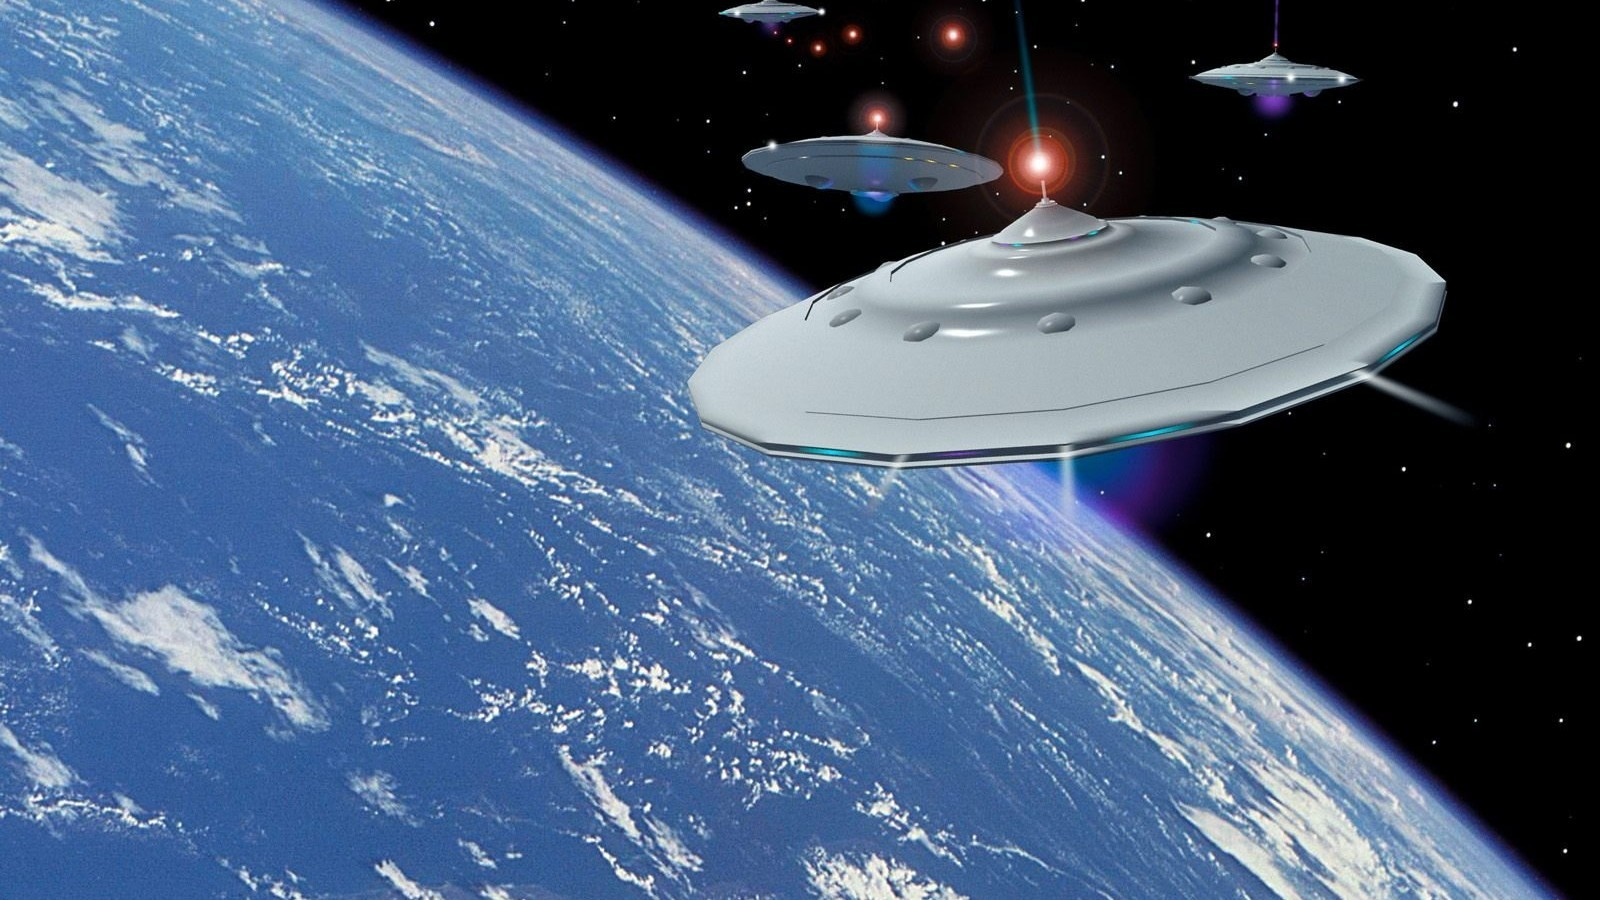 Загадочный НЛО залетел вшахту спасателей вЗападной Австралии